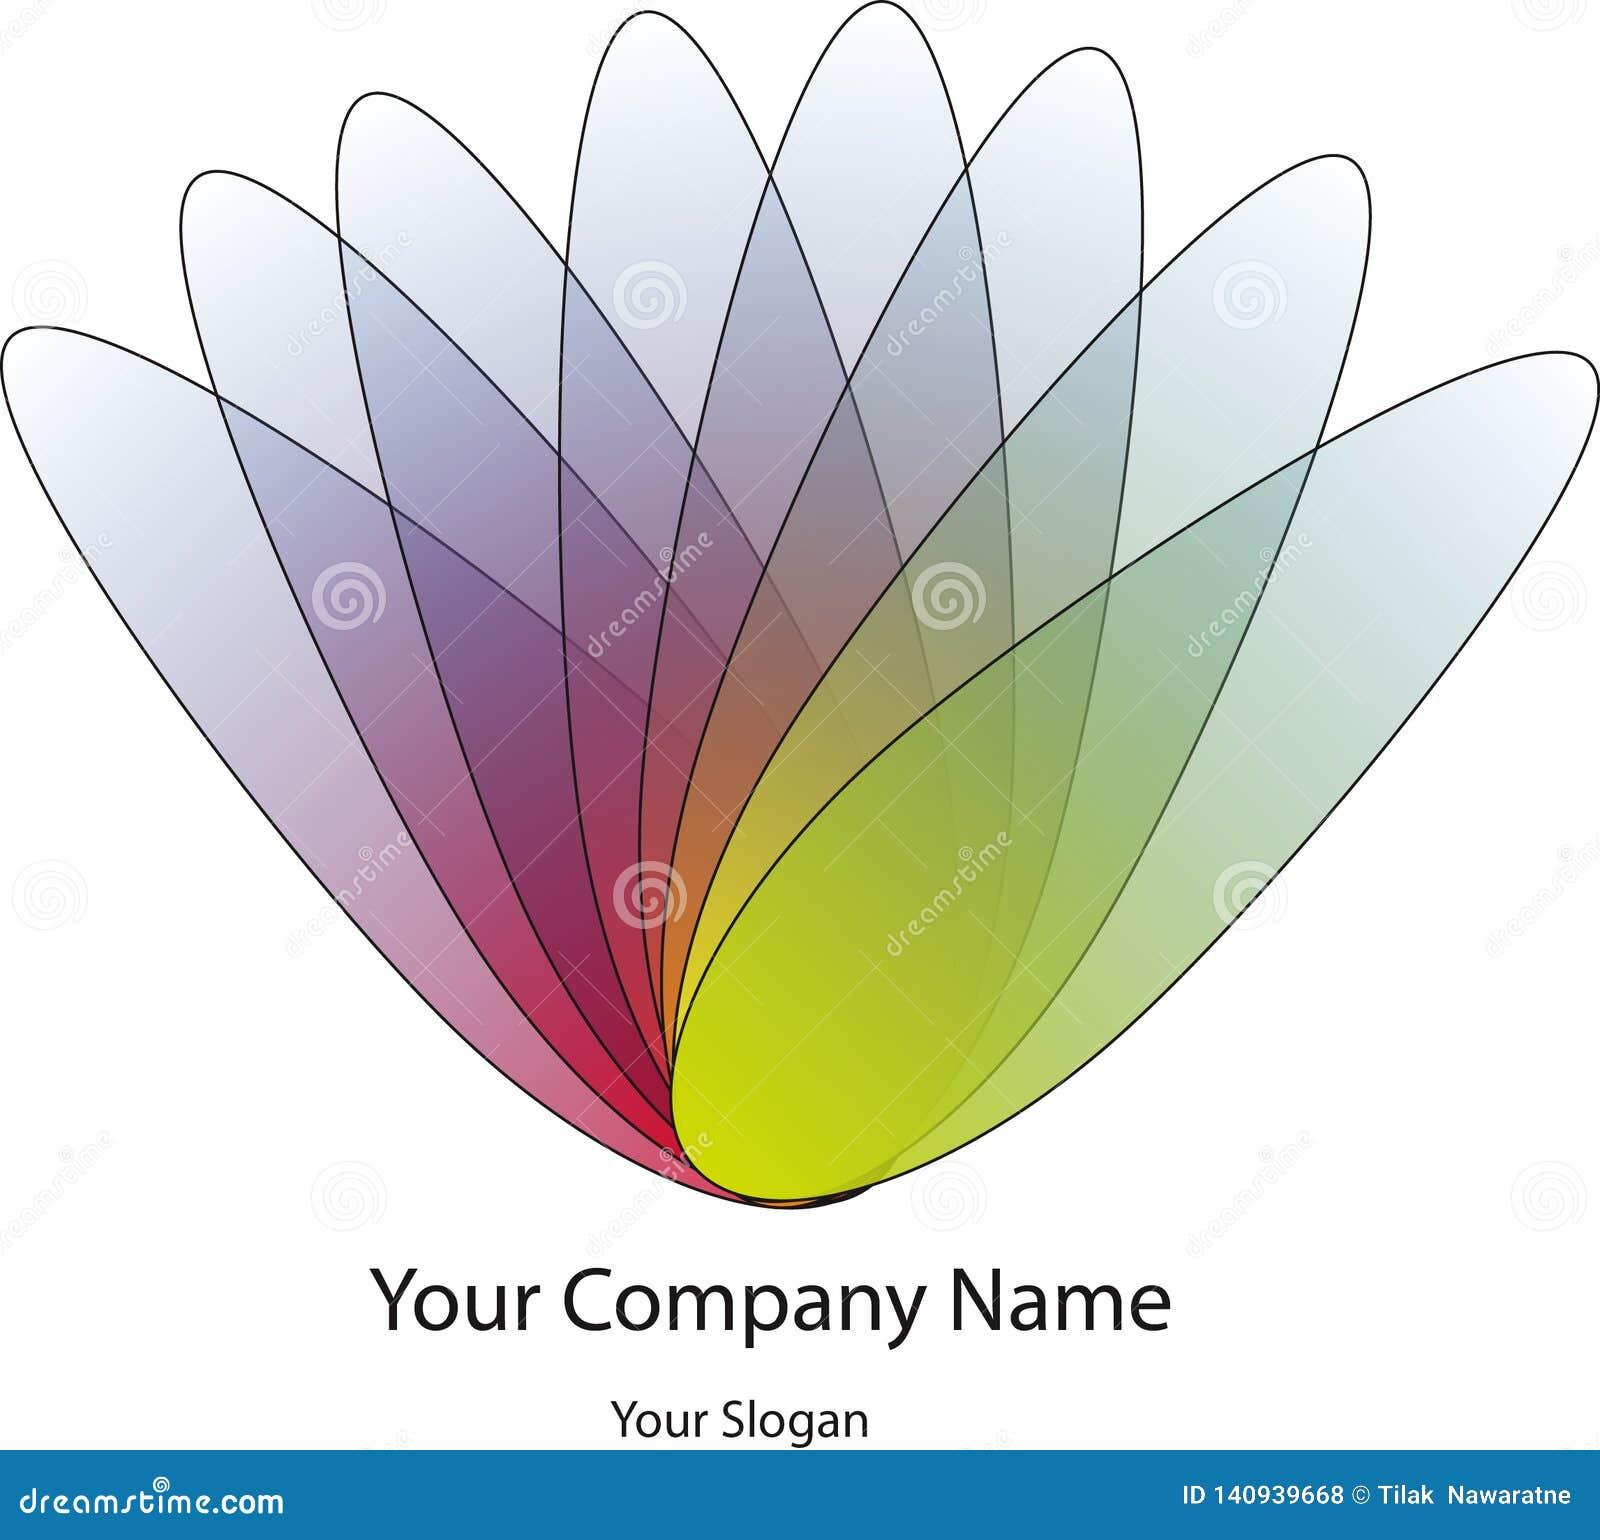 Logo Design colorido para a empresa